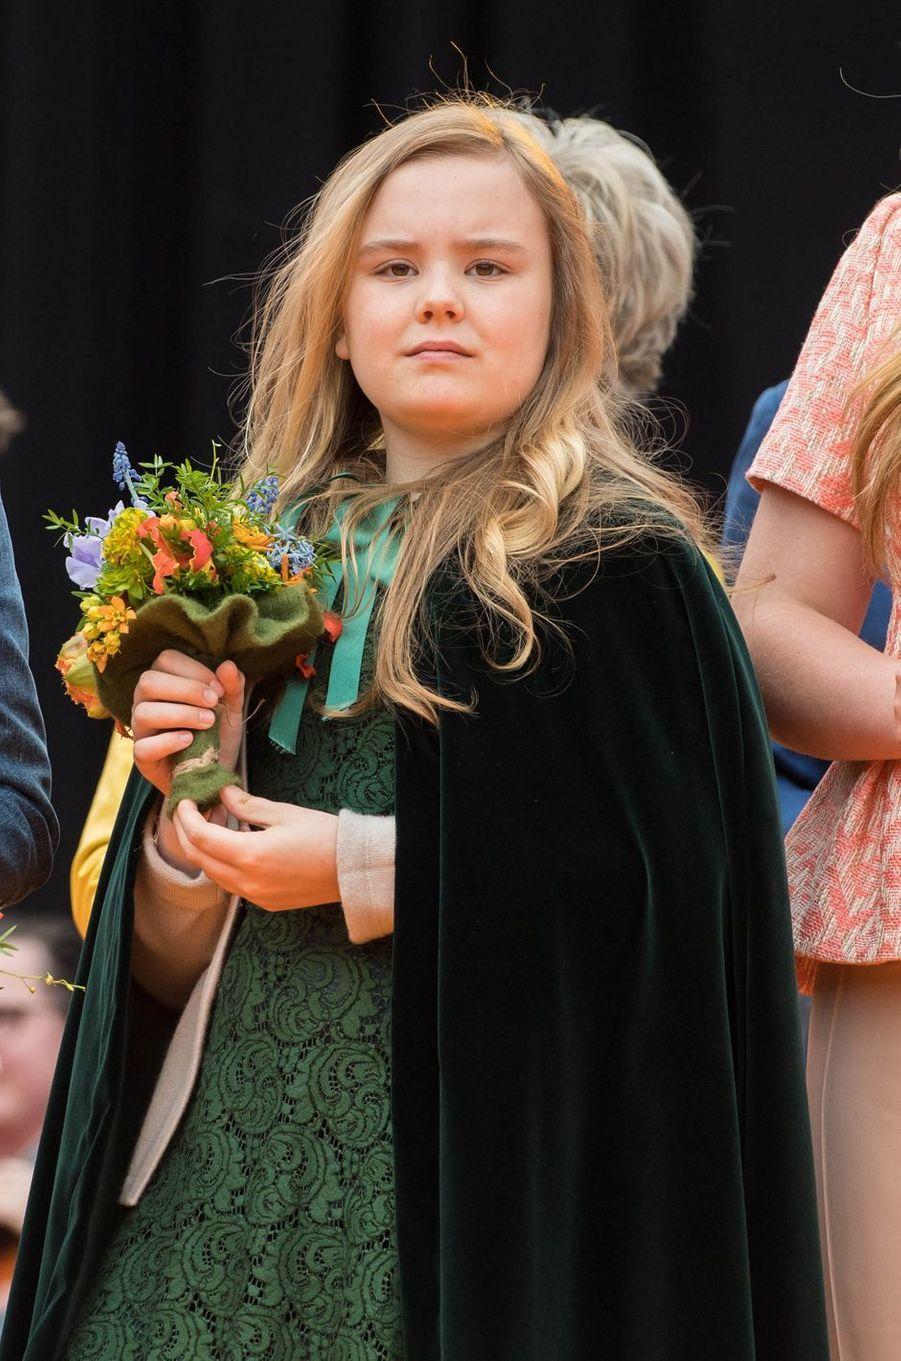 La princesse Ariane des Pays-Bas à Groningen, le 27 avril 2018